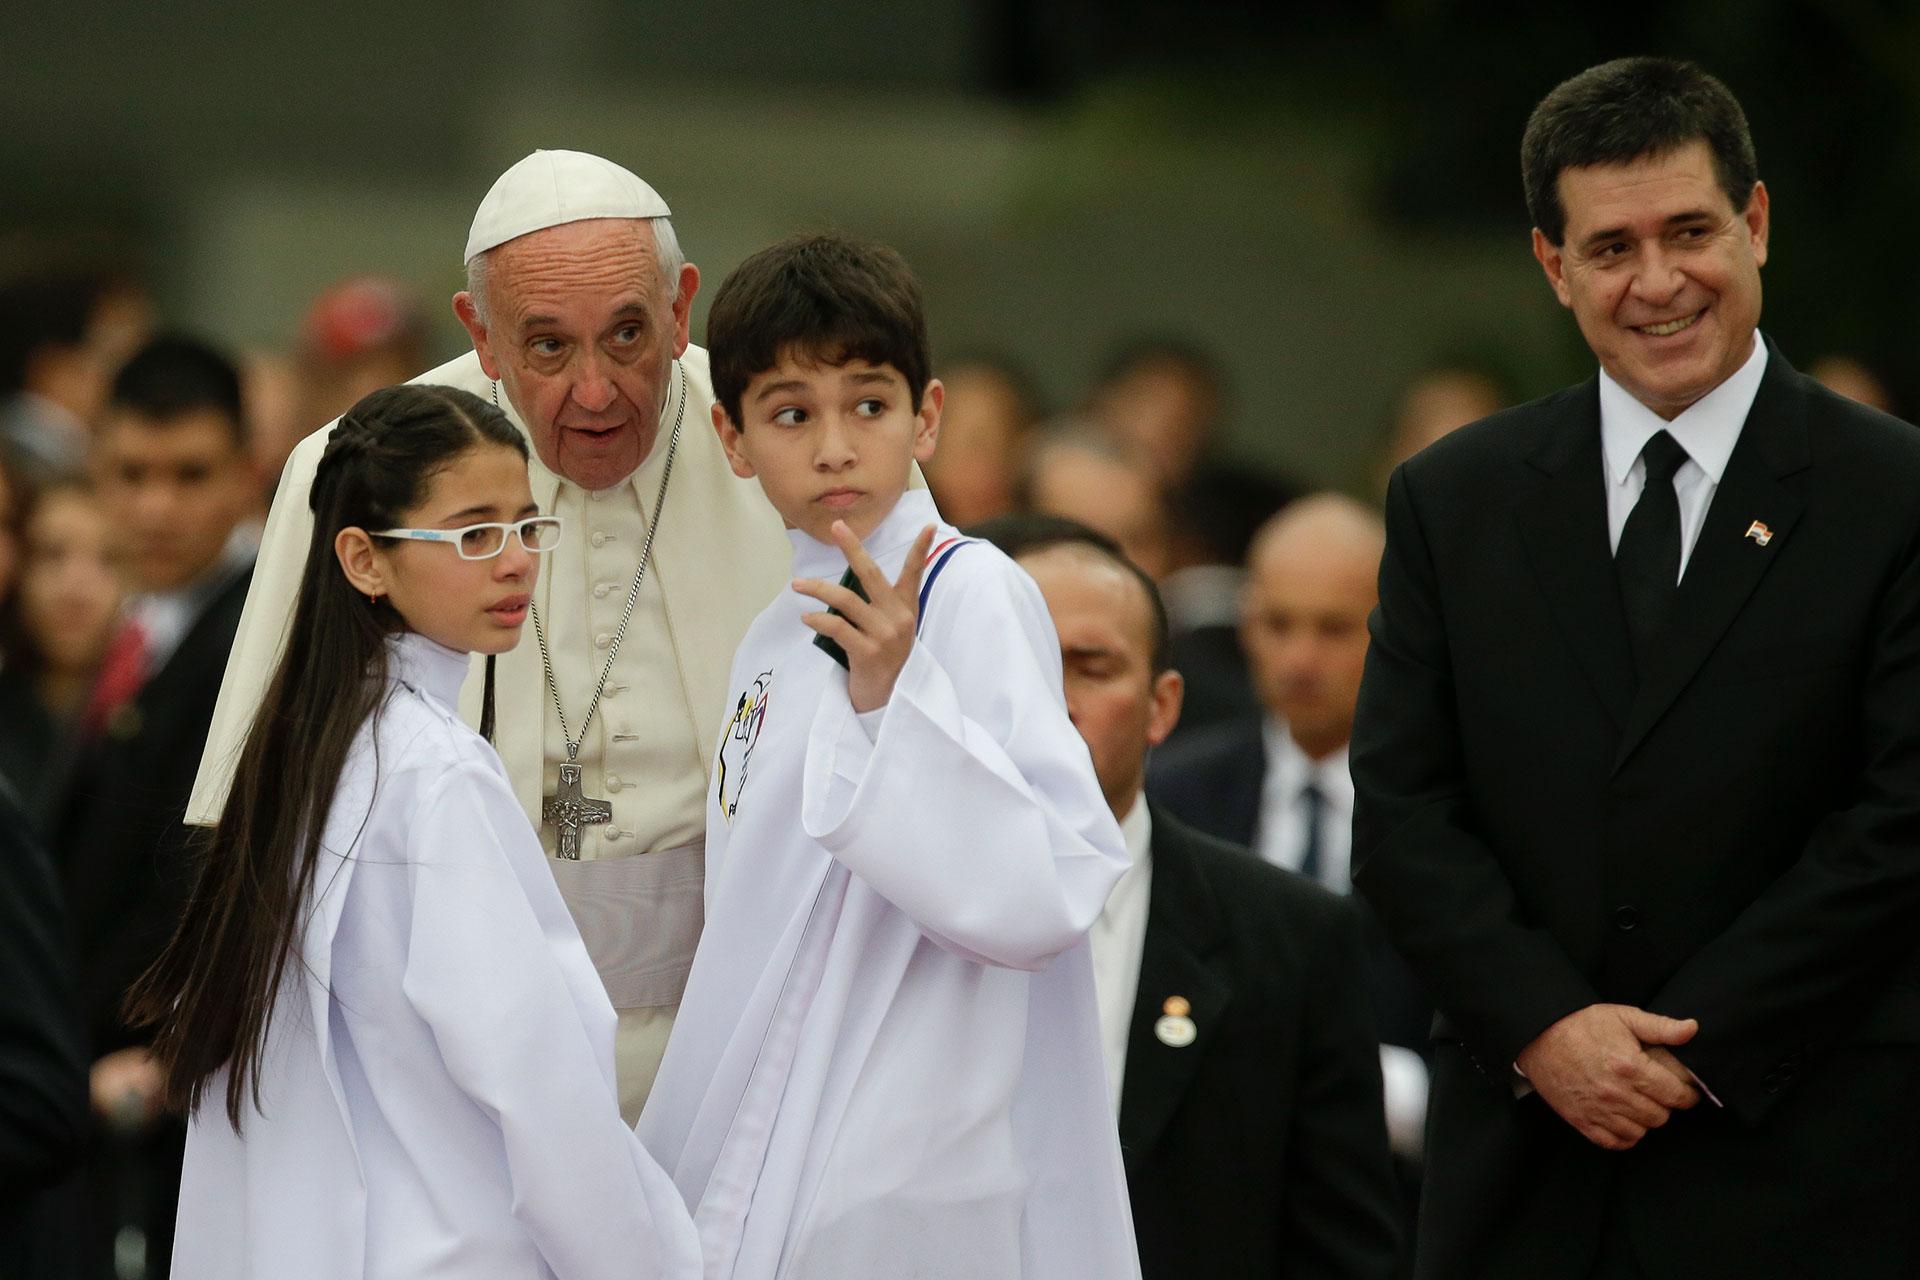 10 de julio de 2015. El papa Francisco durante su visita a Paraguay, junto a dos niños y el presidente Horacio Cartes